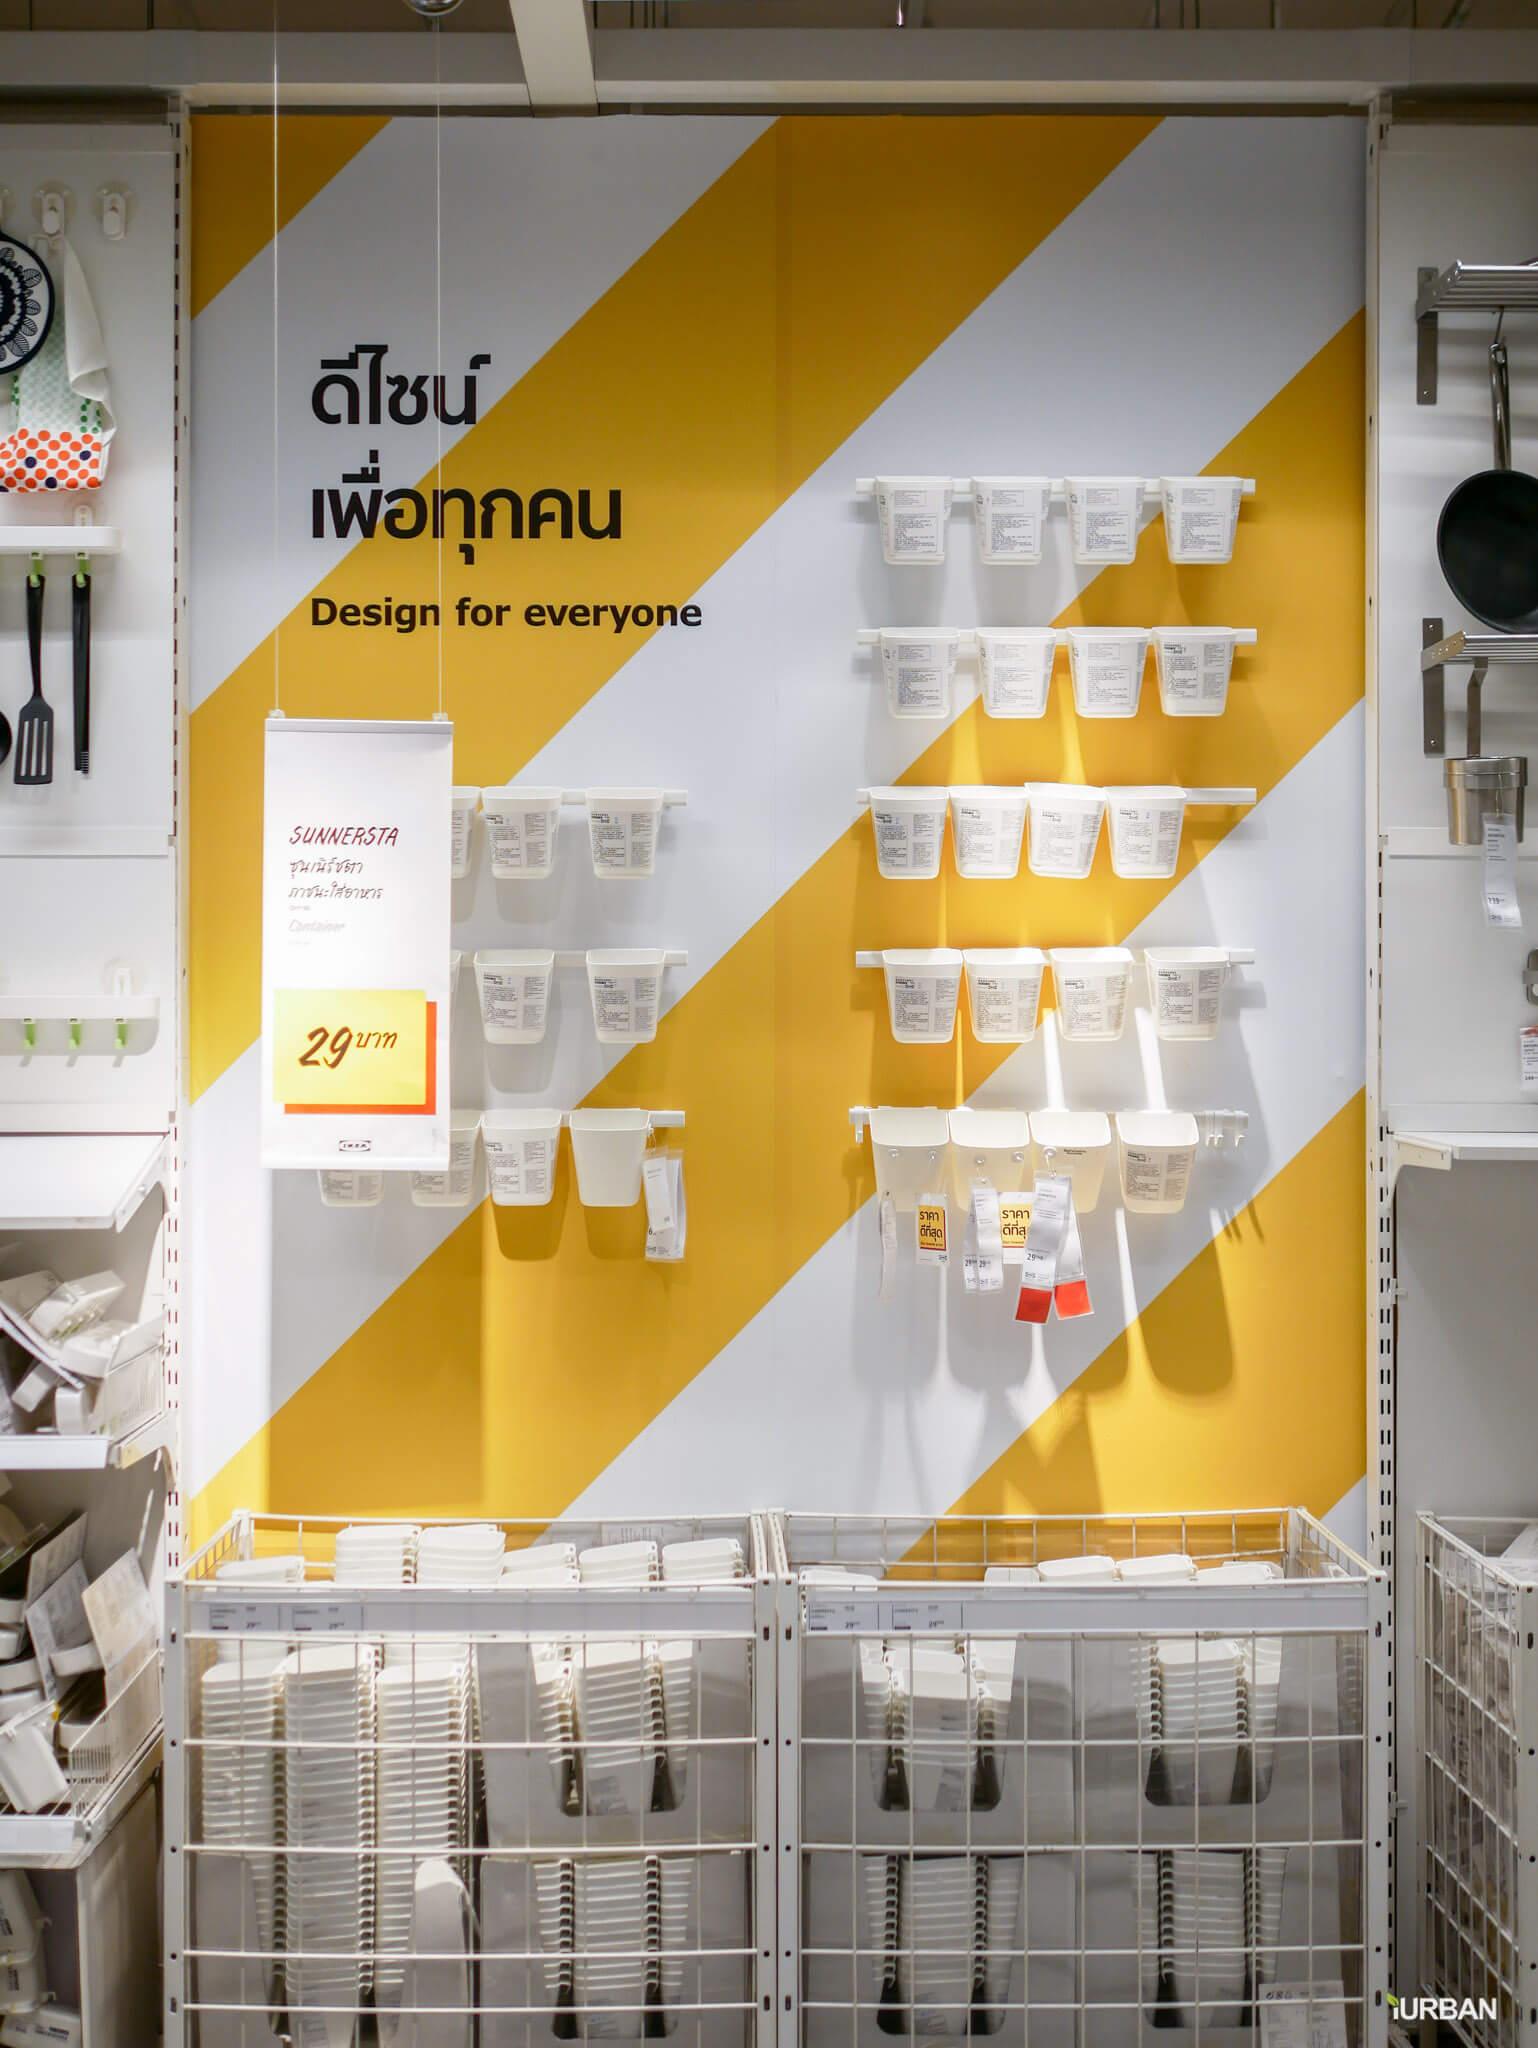 มันเยอะมากกกก!! IKEA Year End SALE 2017 รวมของเซลในอิเกีย ลดเยอะ ลดแหลก รีบพุ่งตัวไป วันนี้ - 7 มกราคม 61 62 - IKEA (อิเกีย)